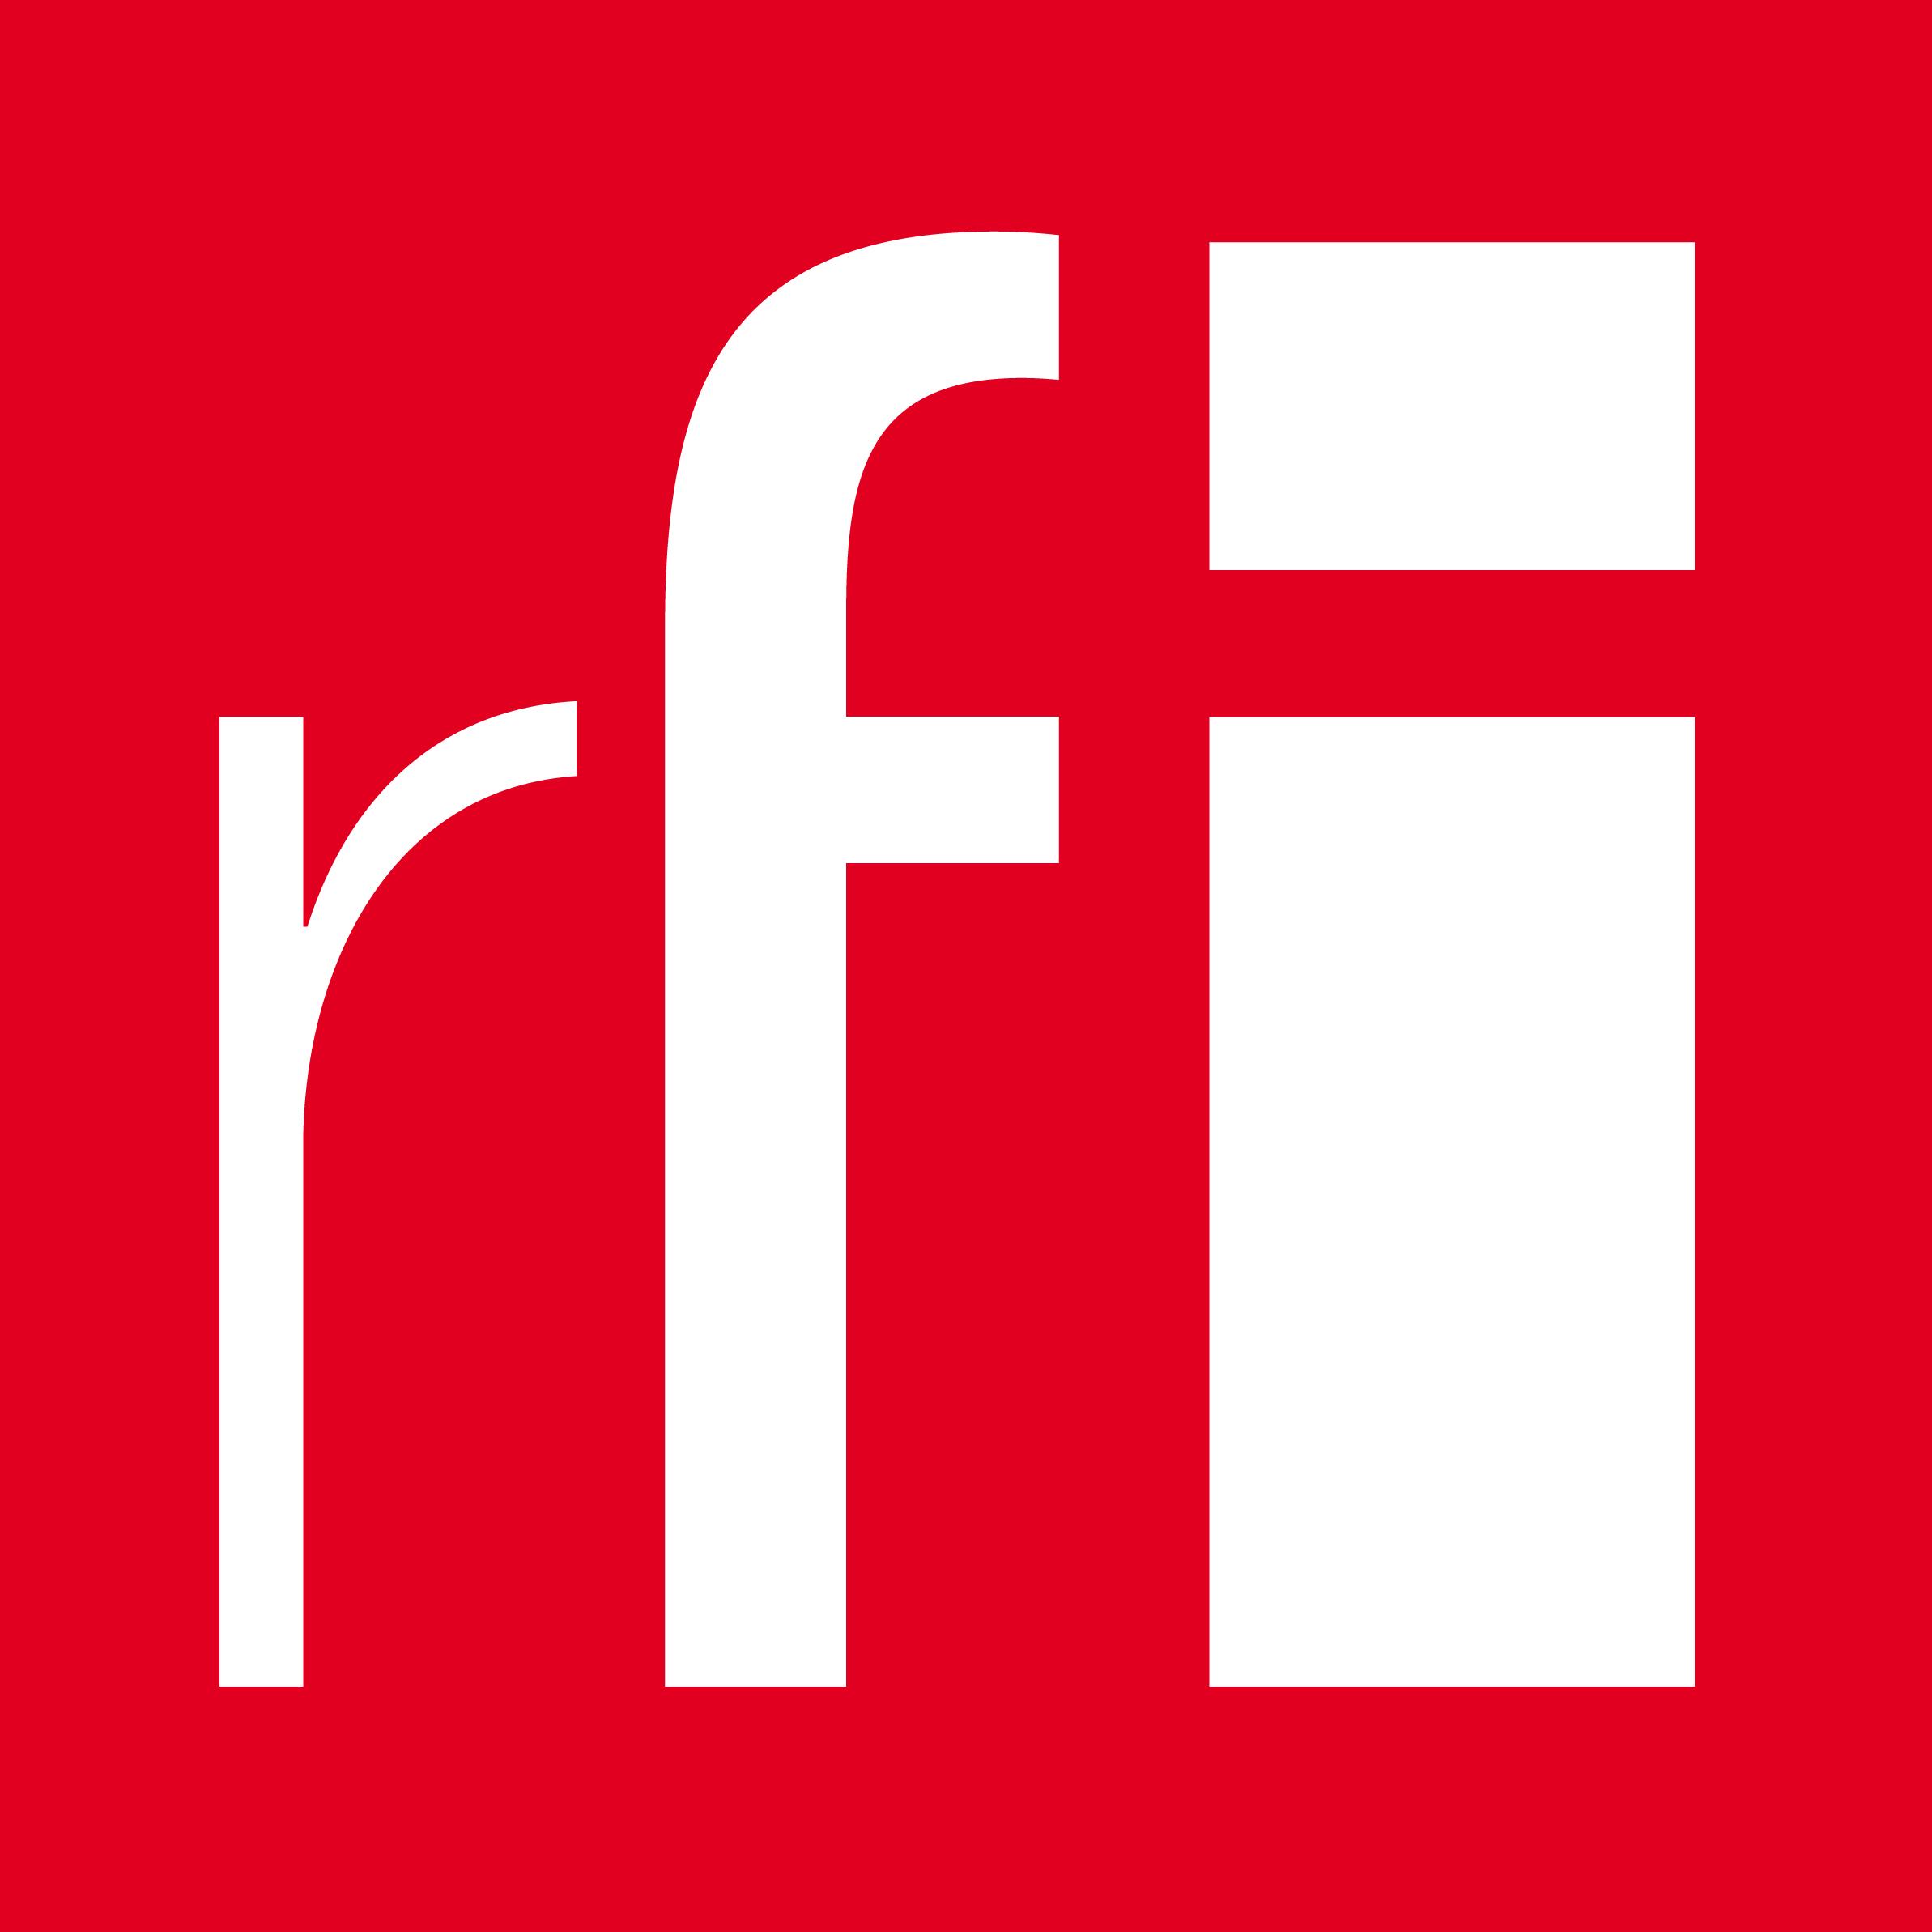 RFI lance le débat sur le rapport de l'UE mercredi